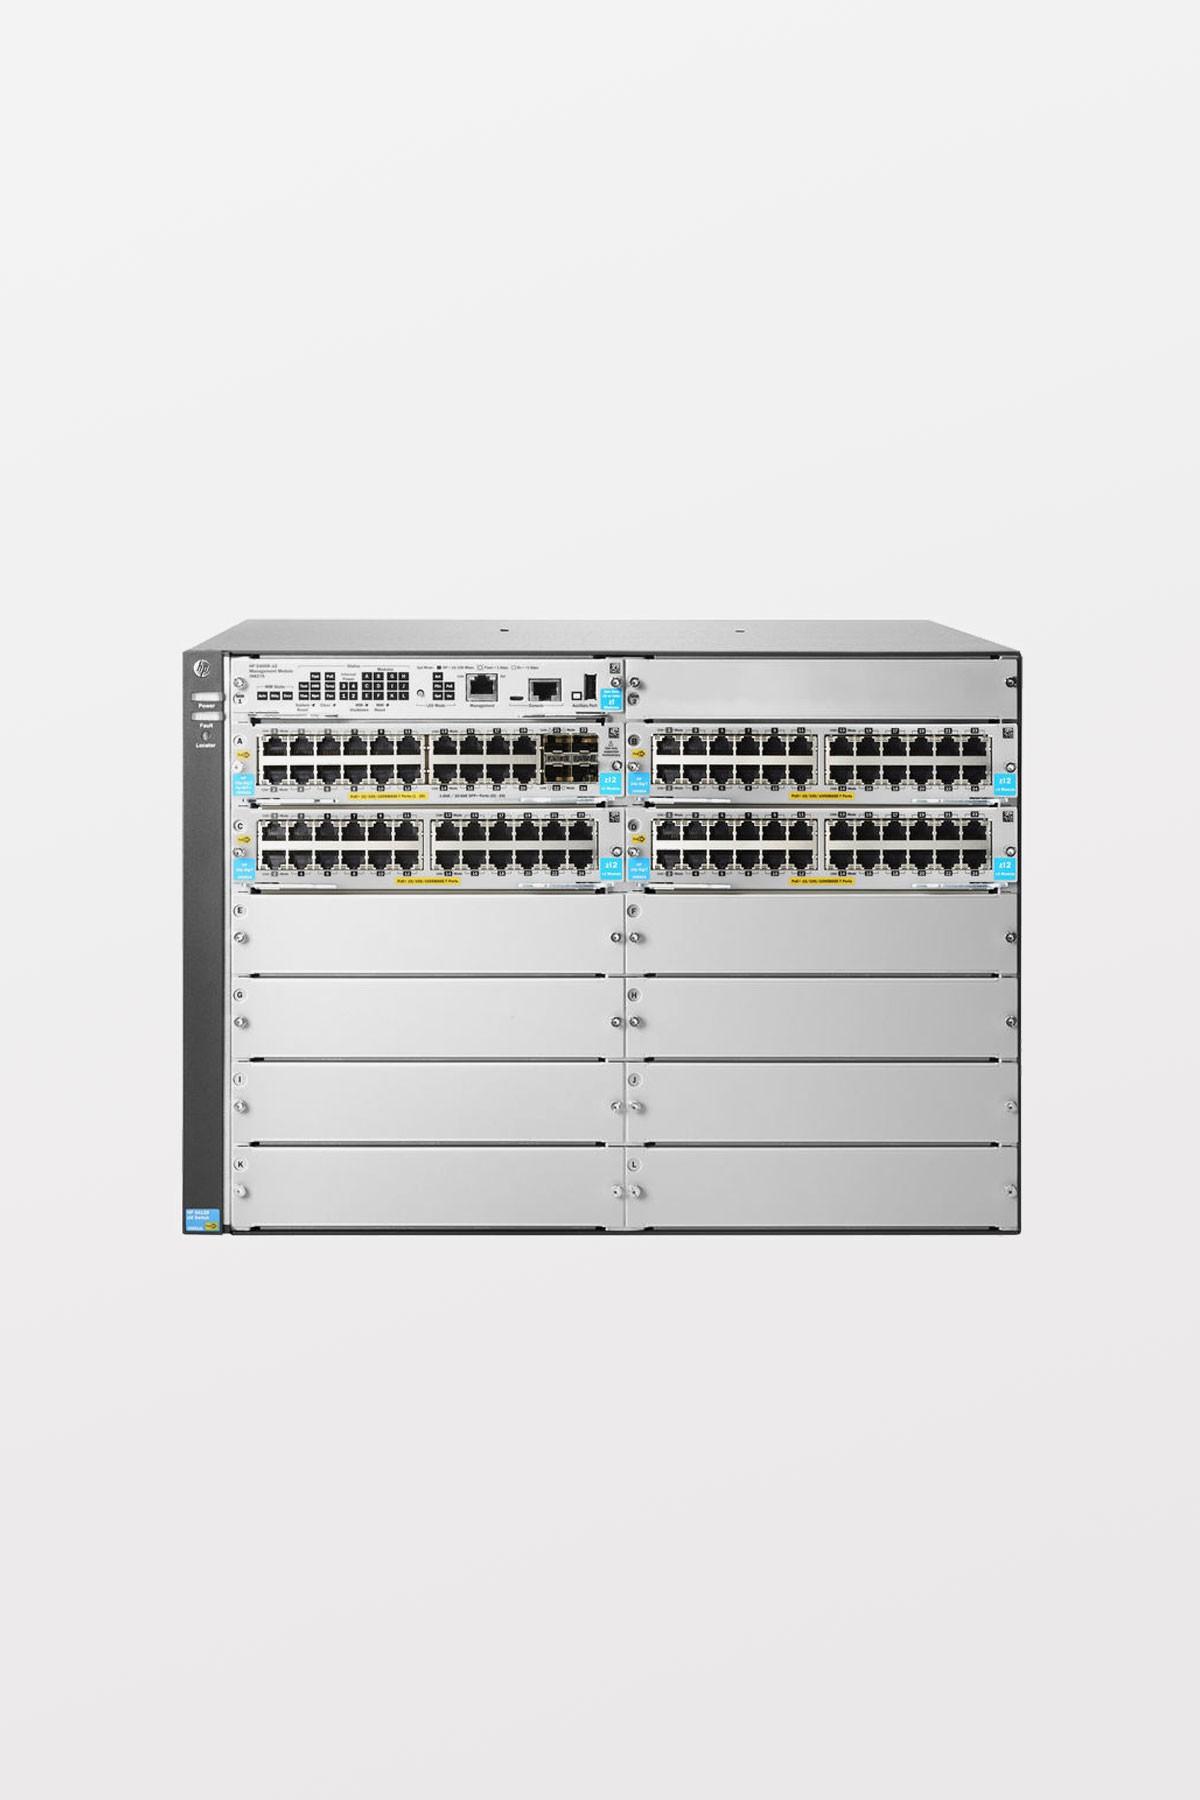 Aruba 5412R 92GT PoE+/4SFP + v3 zl2 Switch Includes: Aruba 24p 1000BASE-T PoE + v3 zl3 Mod Includes: Aruba 20p PoE+/4p SFP+ v3 zl2 Mod